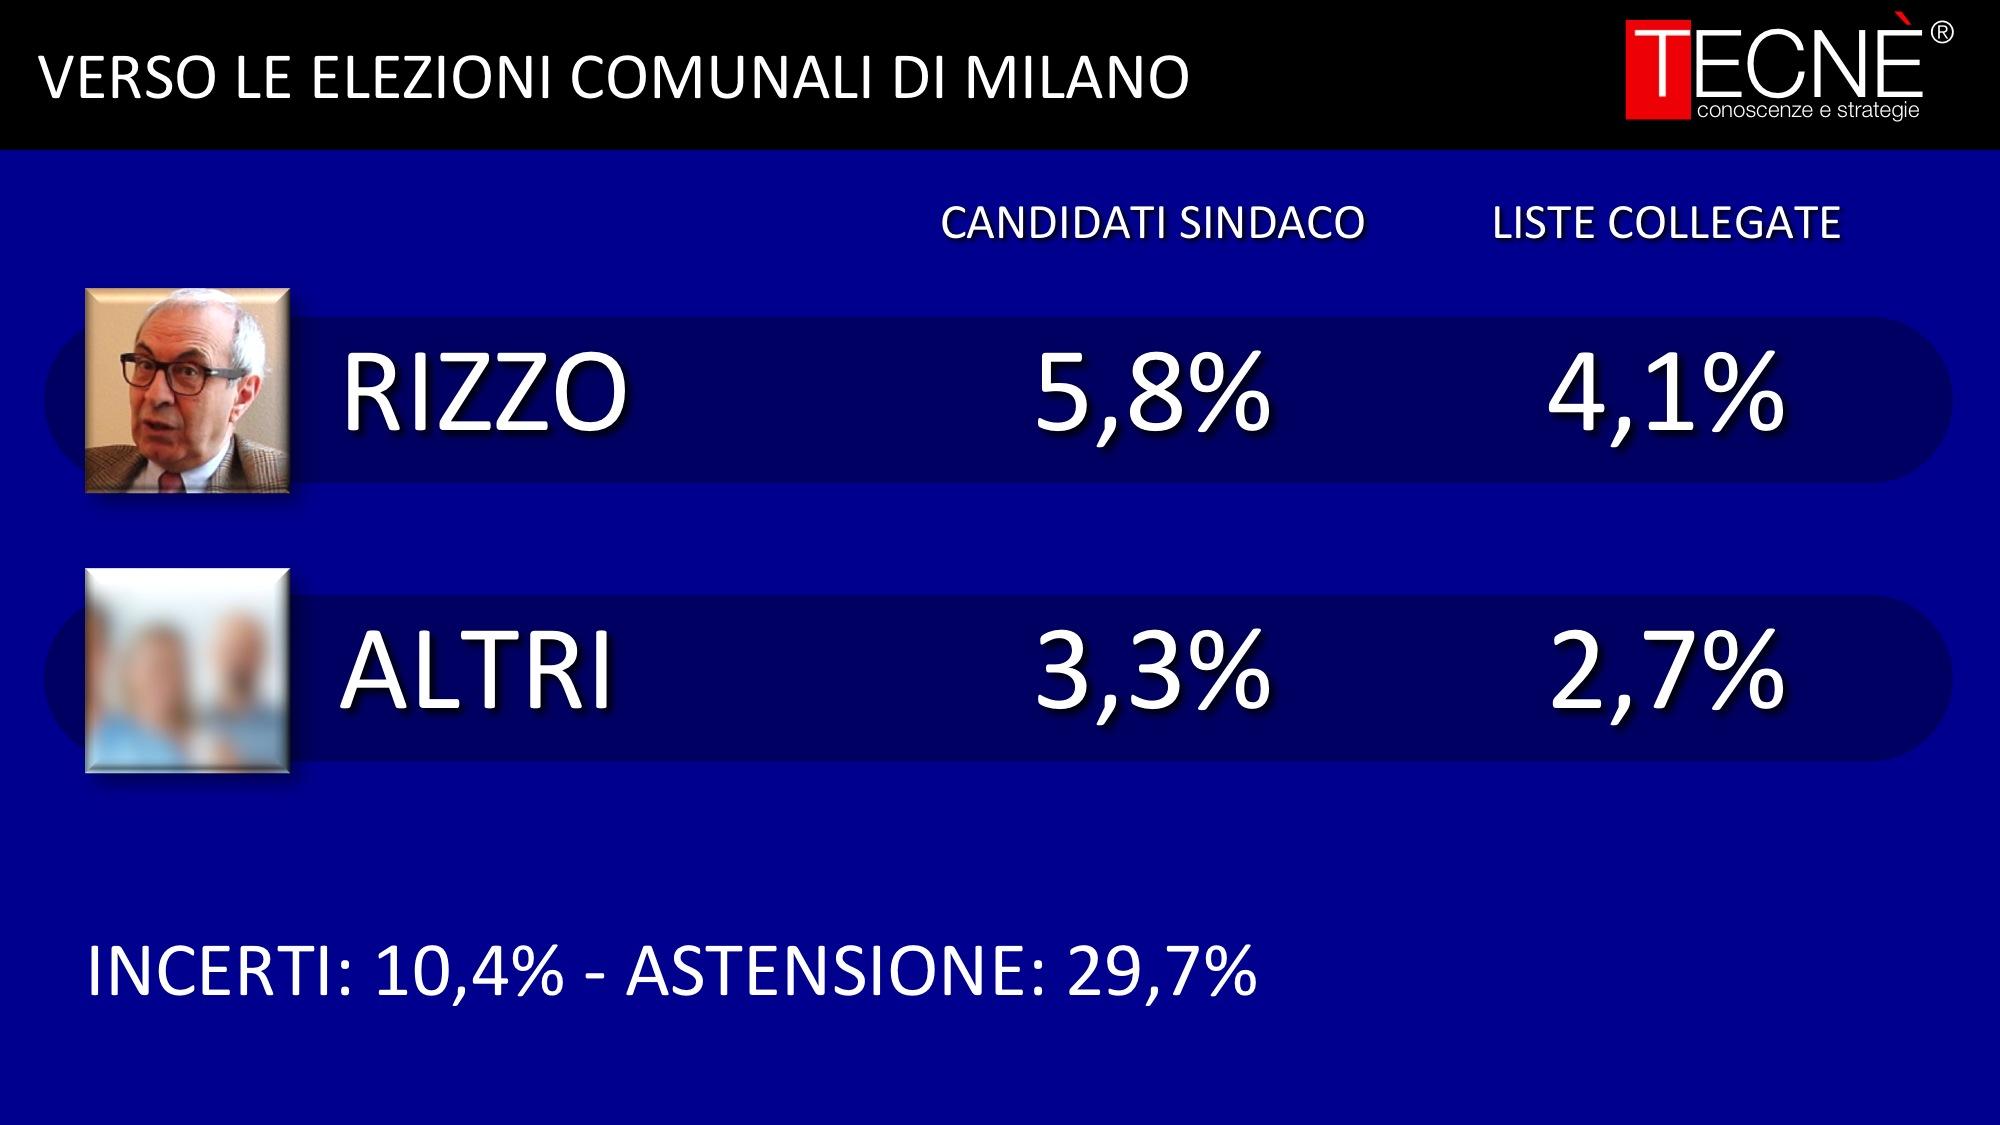 sondaggi comunali, sondaggi elezioni roma, sondaggi elezioni milano